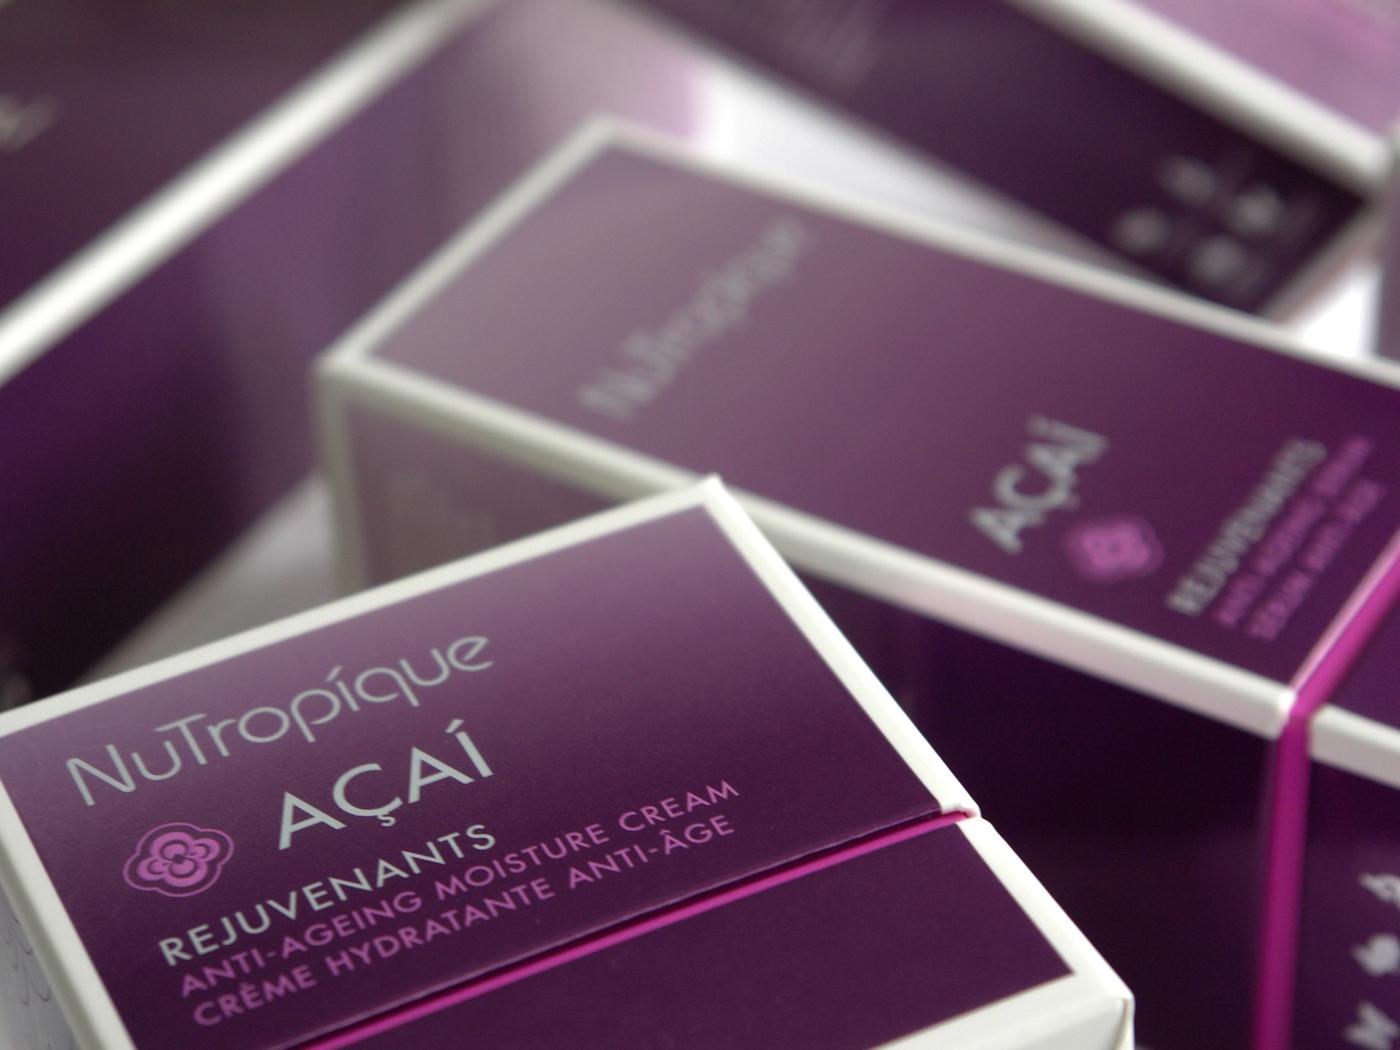 Nutropique anti-aging